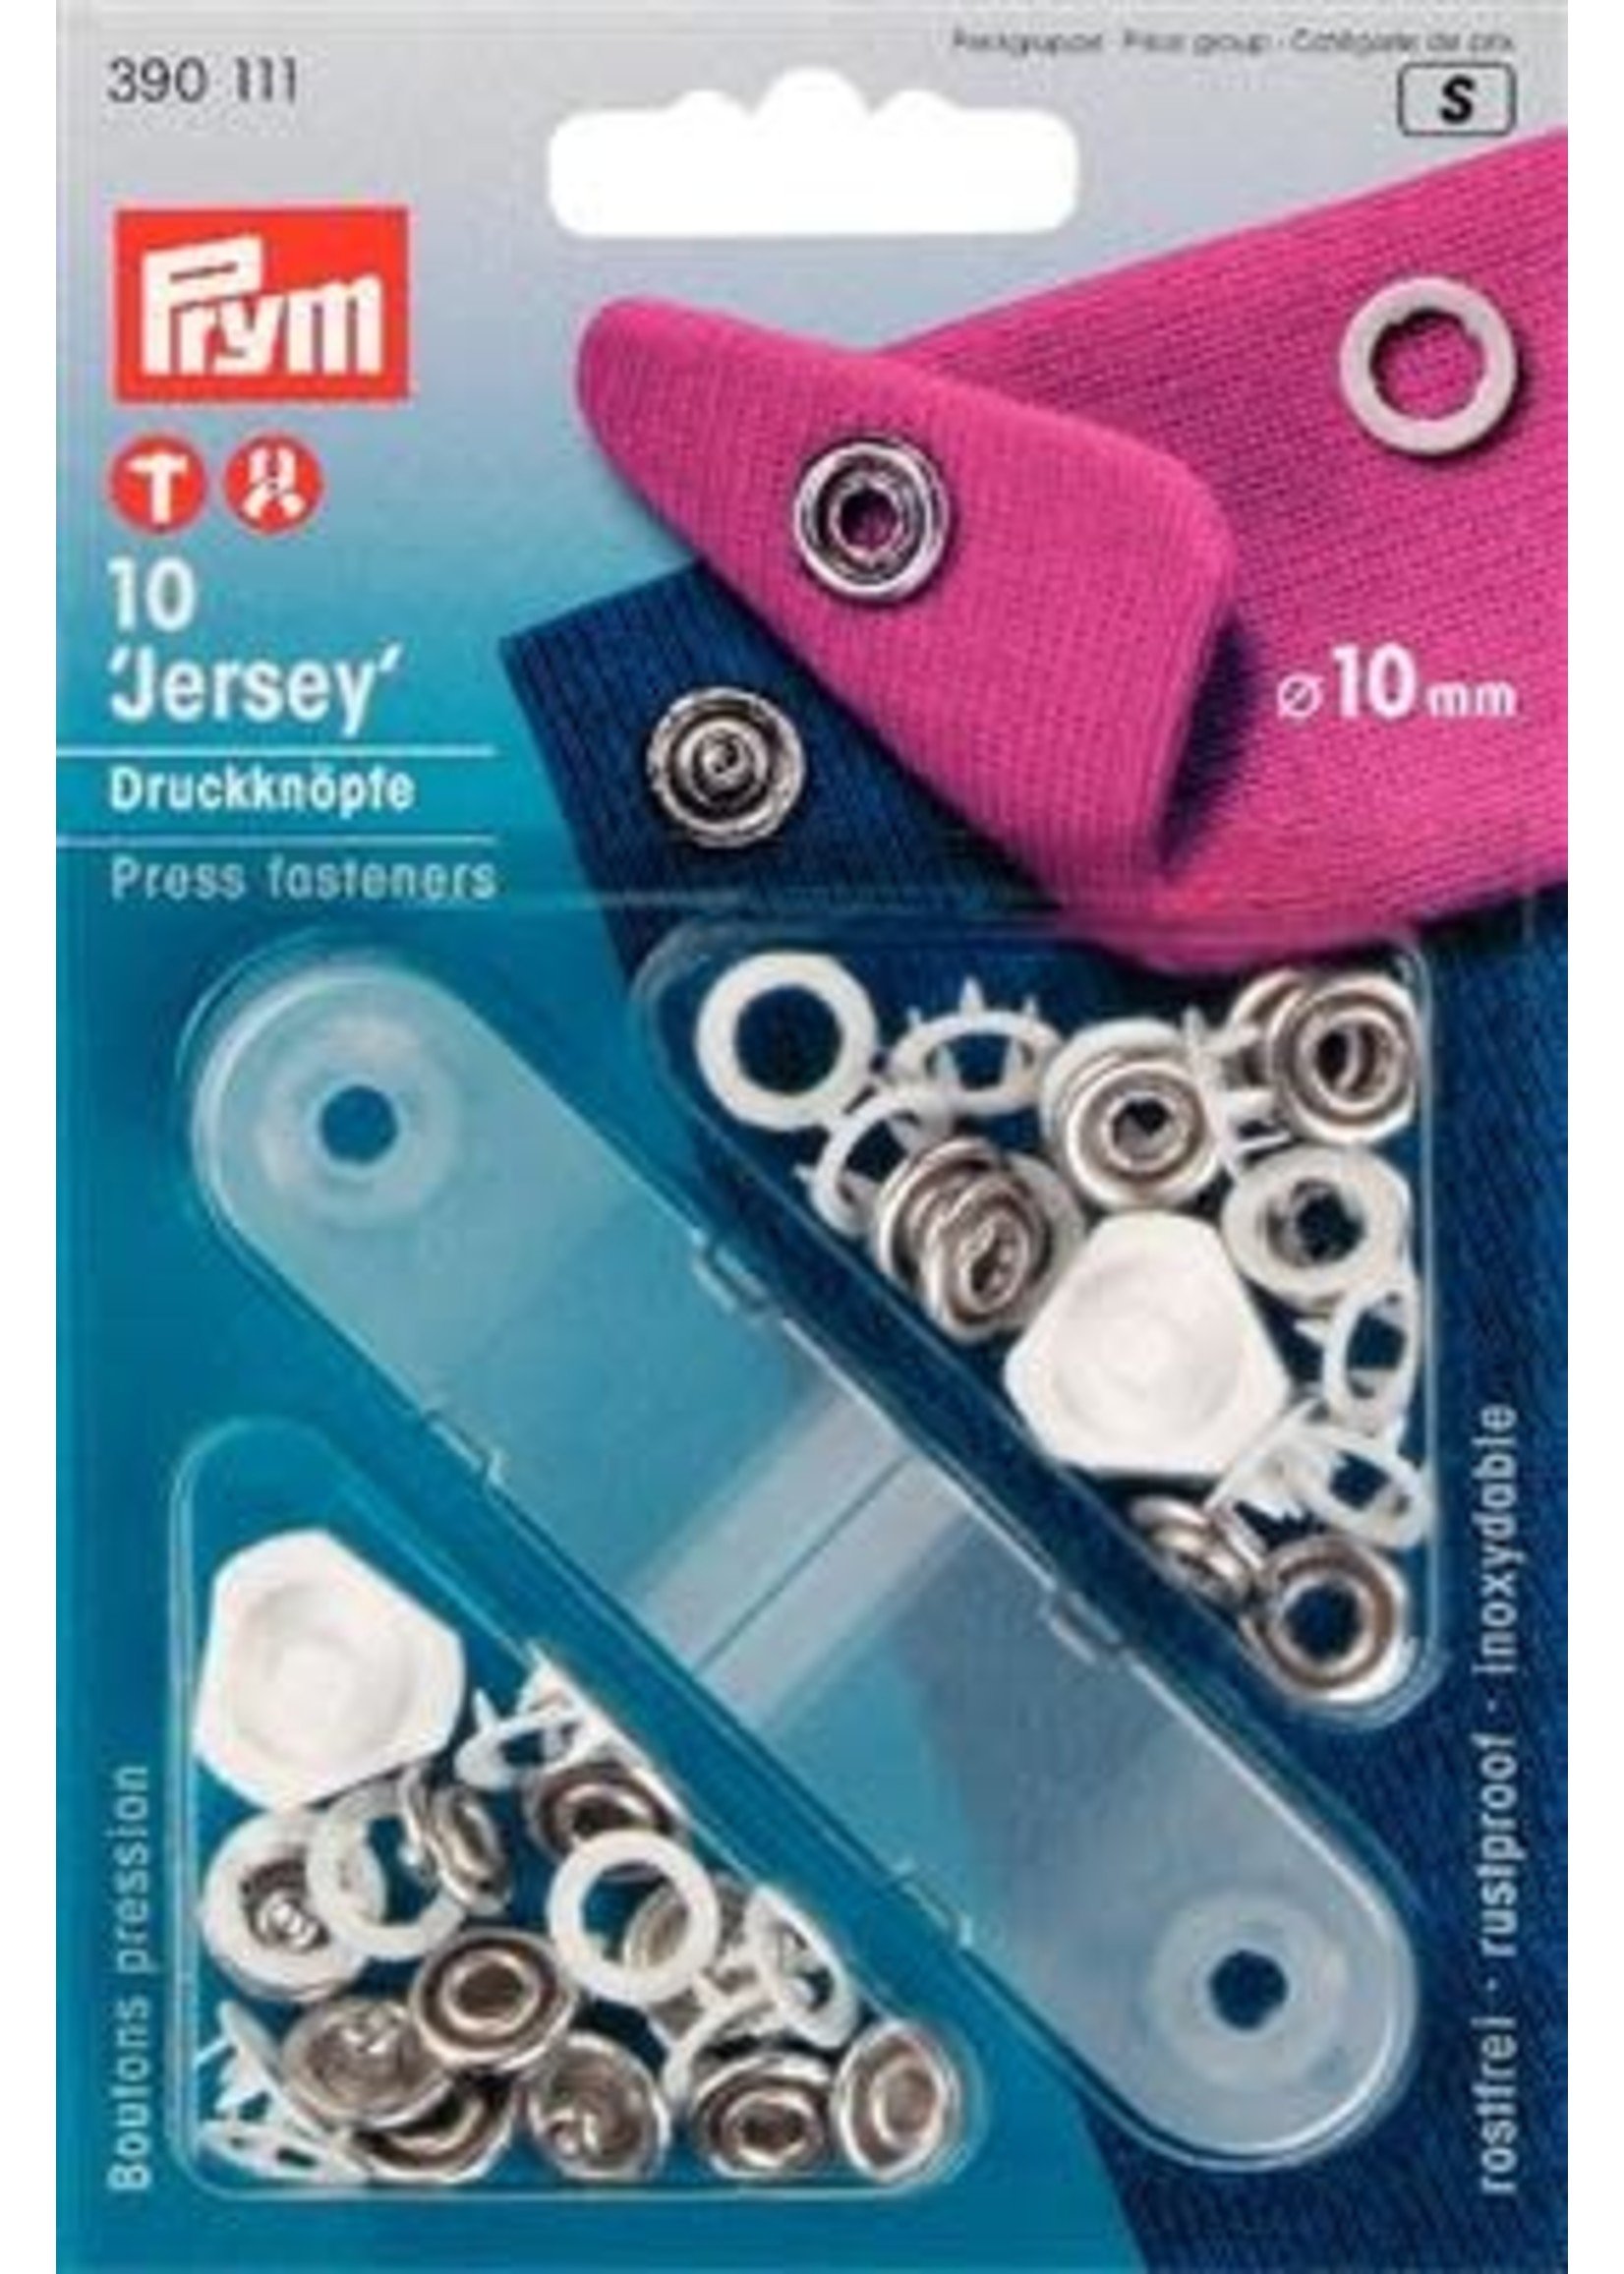 Prym Prym Naaivrijdrukknoop Jersey aandring 10mm - wit